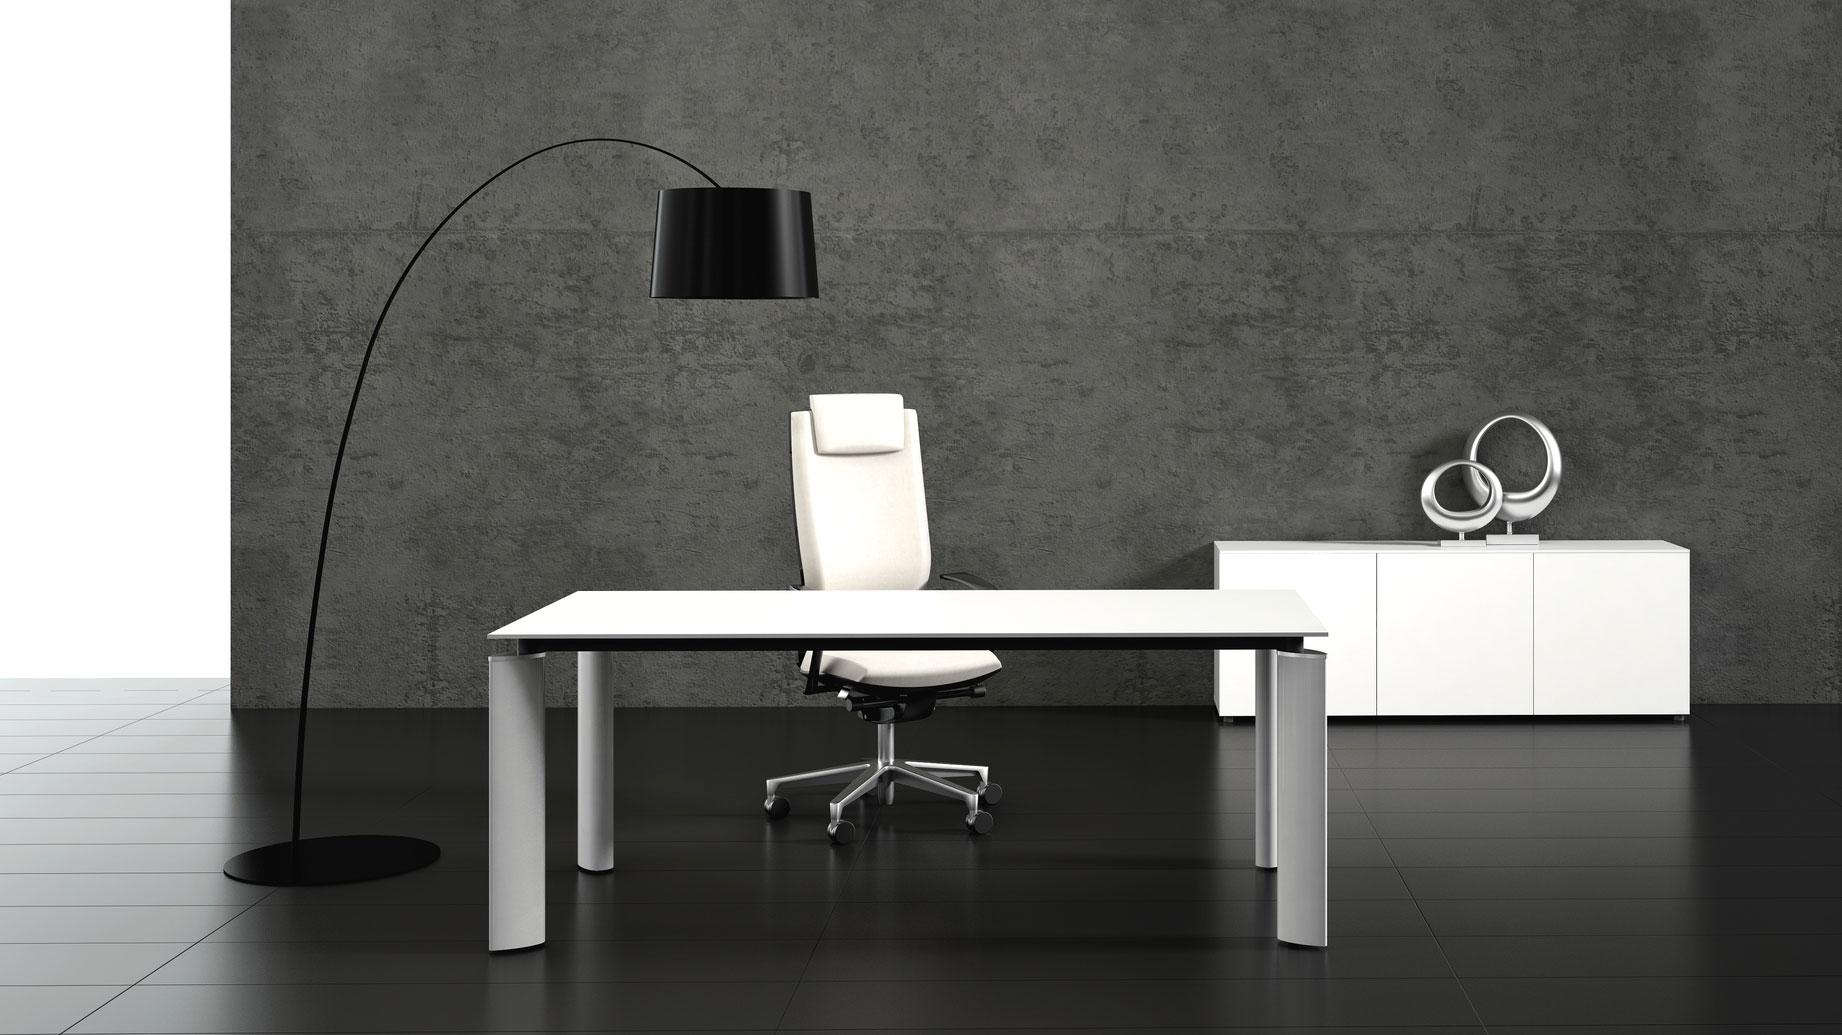 STOCK Büroeinrichtungen - Chefzimmer Design Möbel günstig lieferbar